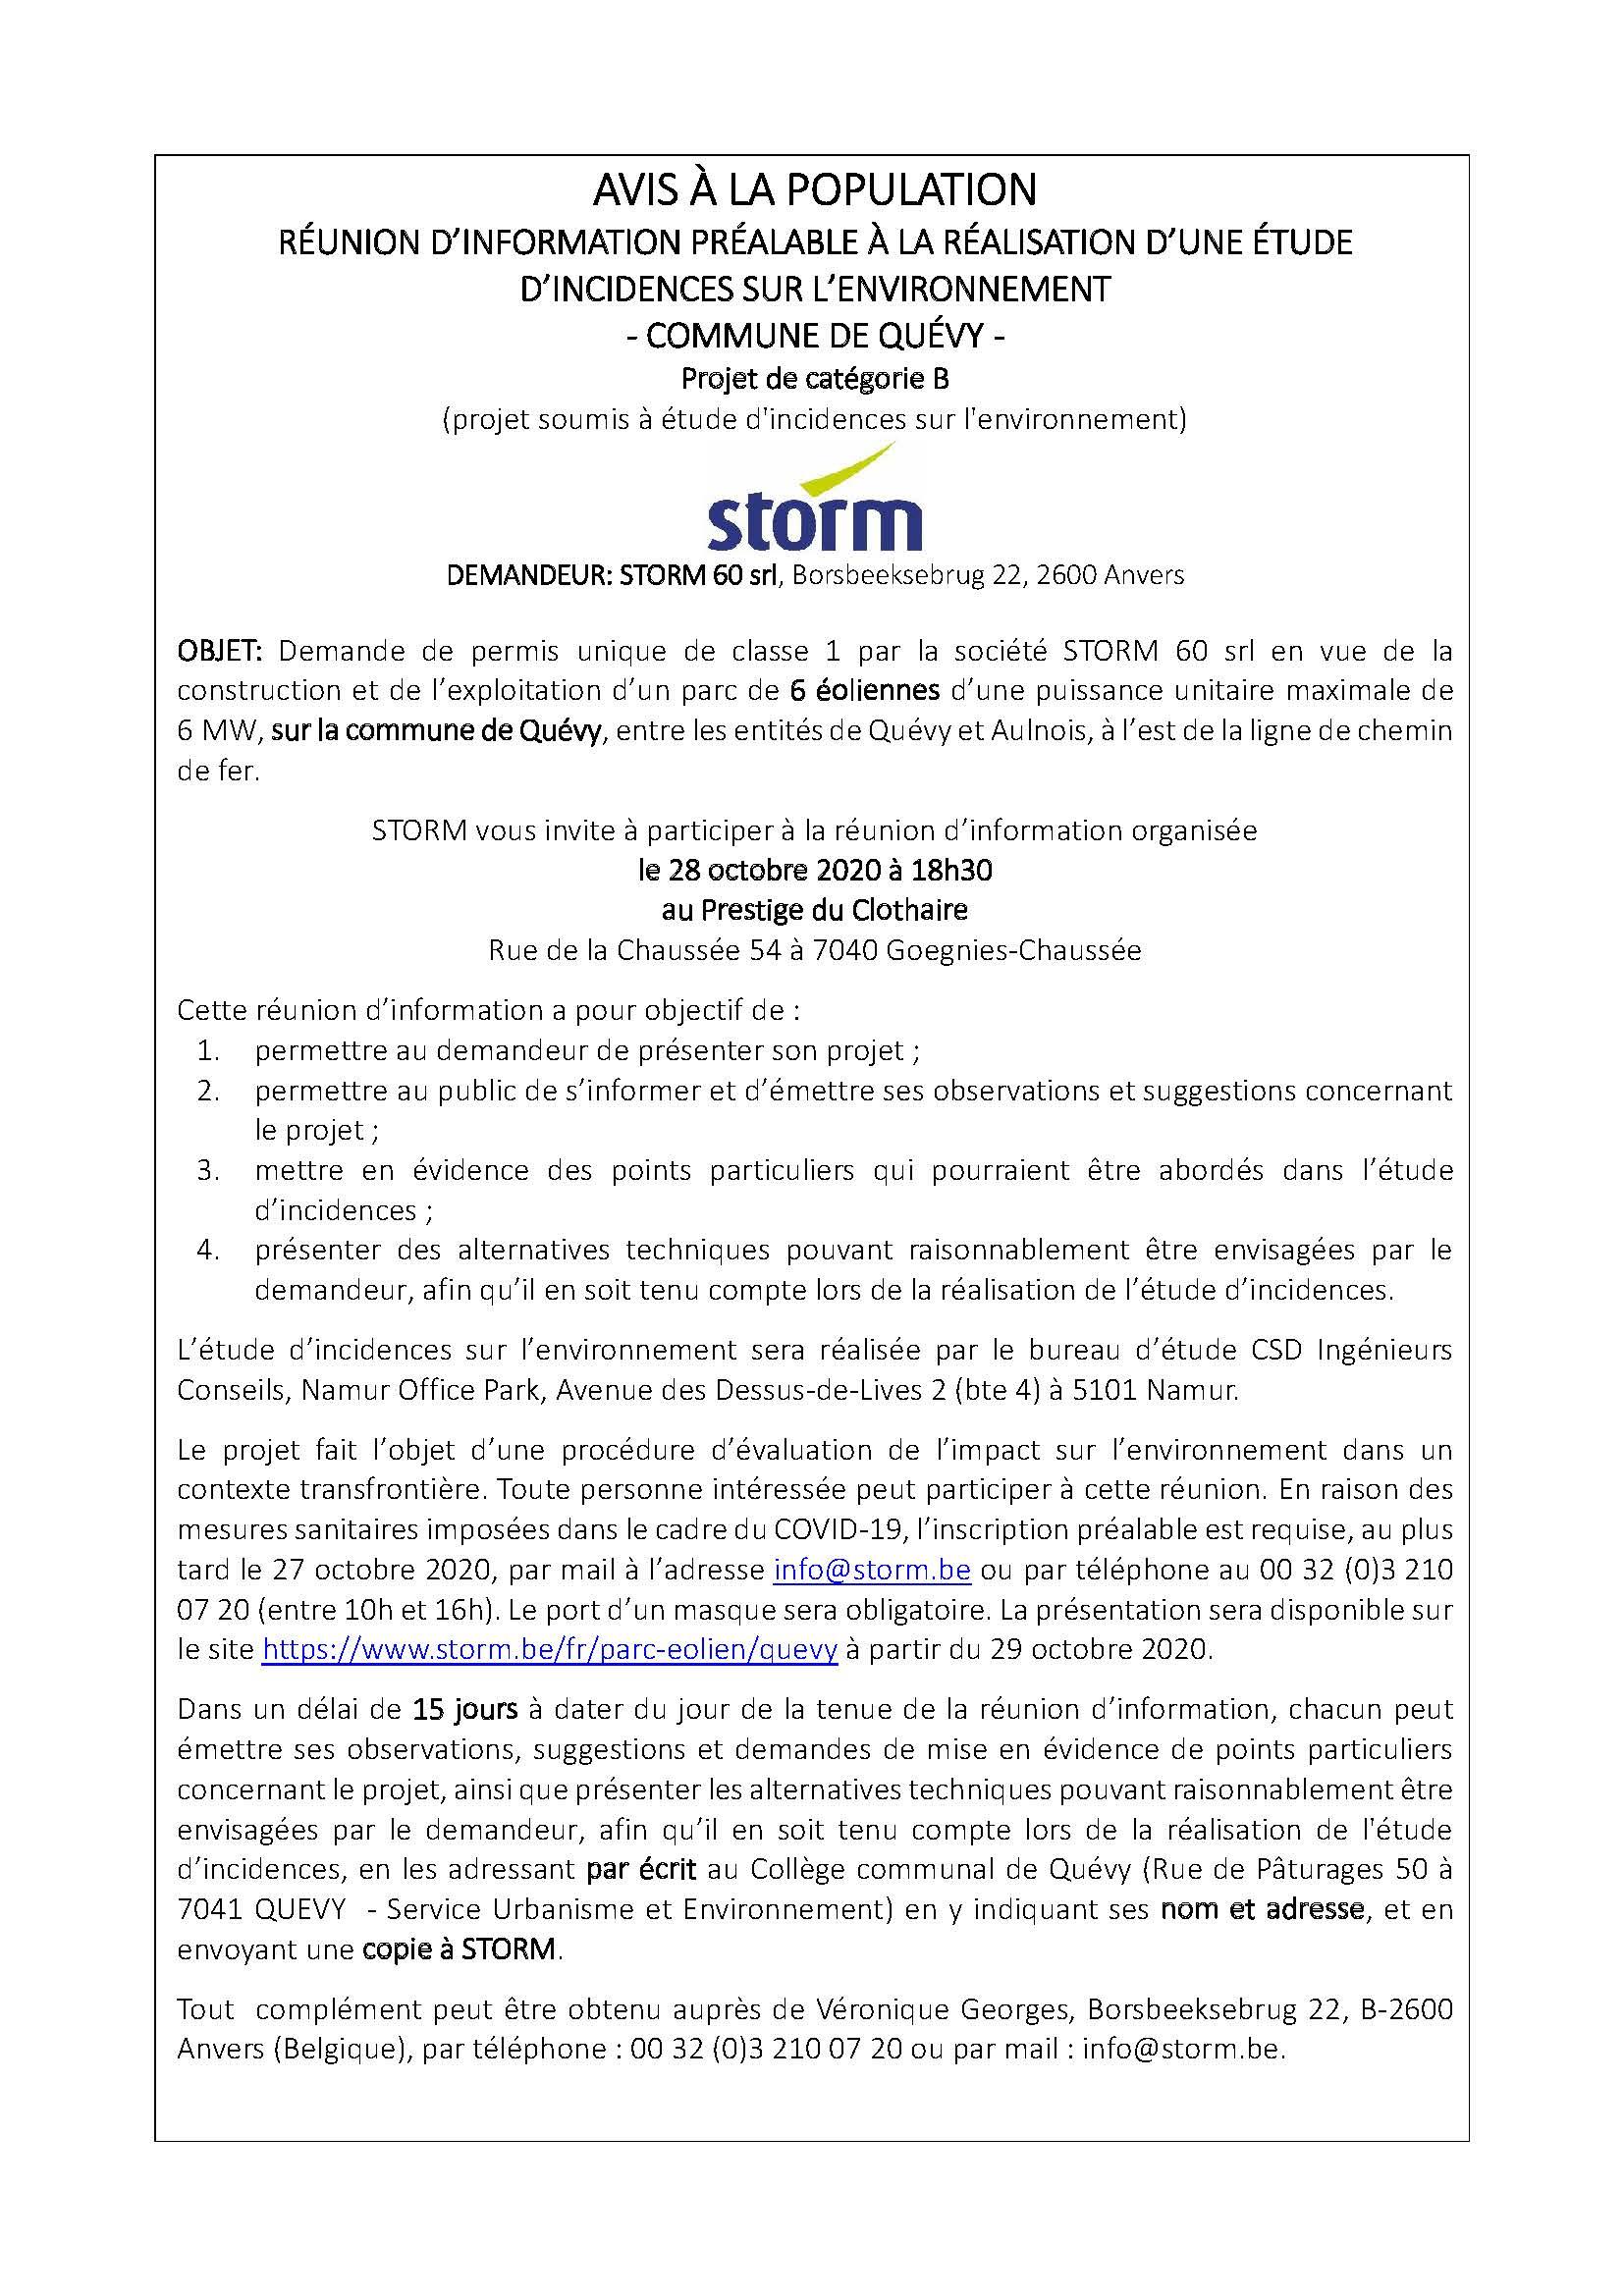 storm60_avis_rip_20201028.jpg